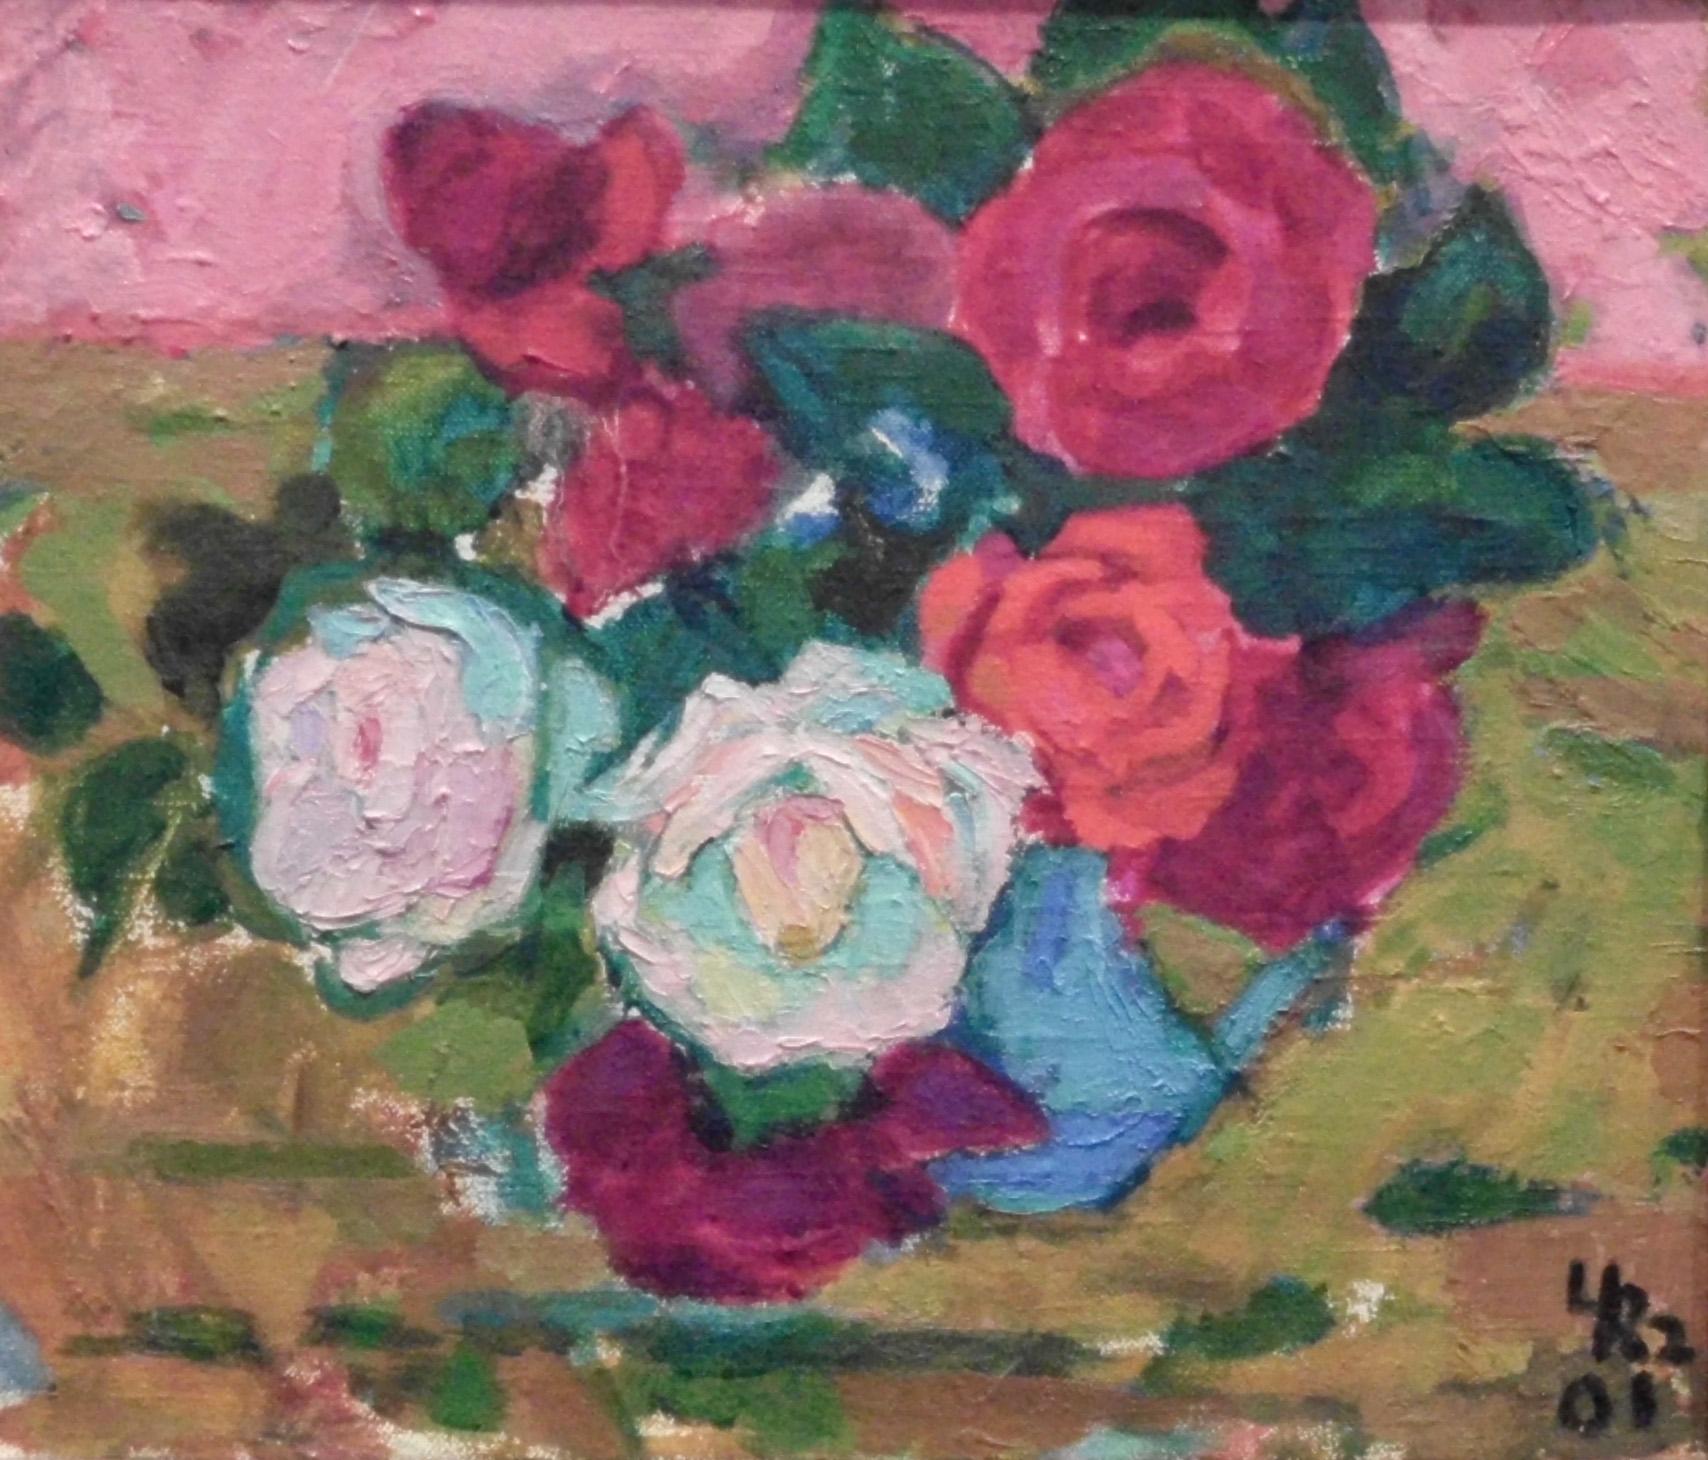 19-ursula_rzodeczko-rosen-2001-oel_auf_leinwand-30x35